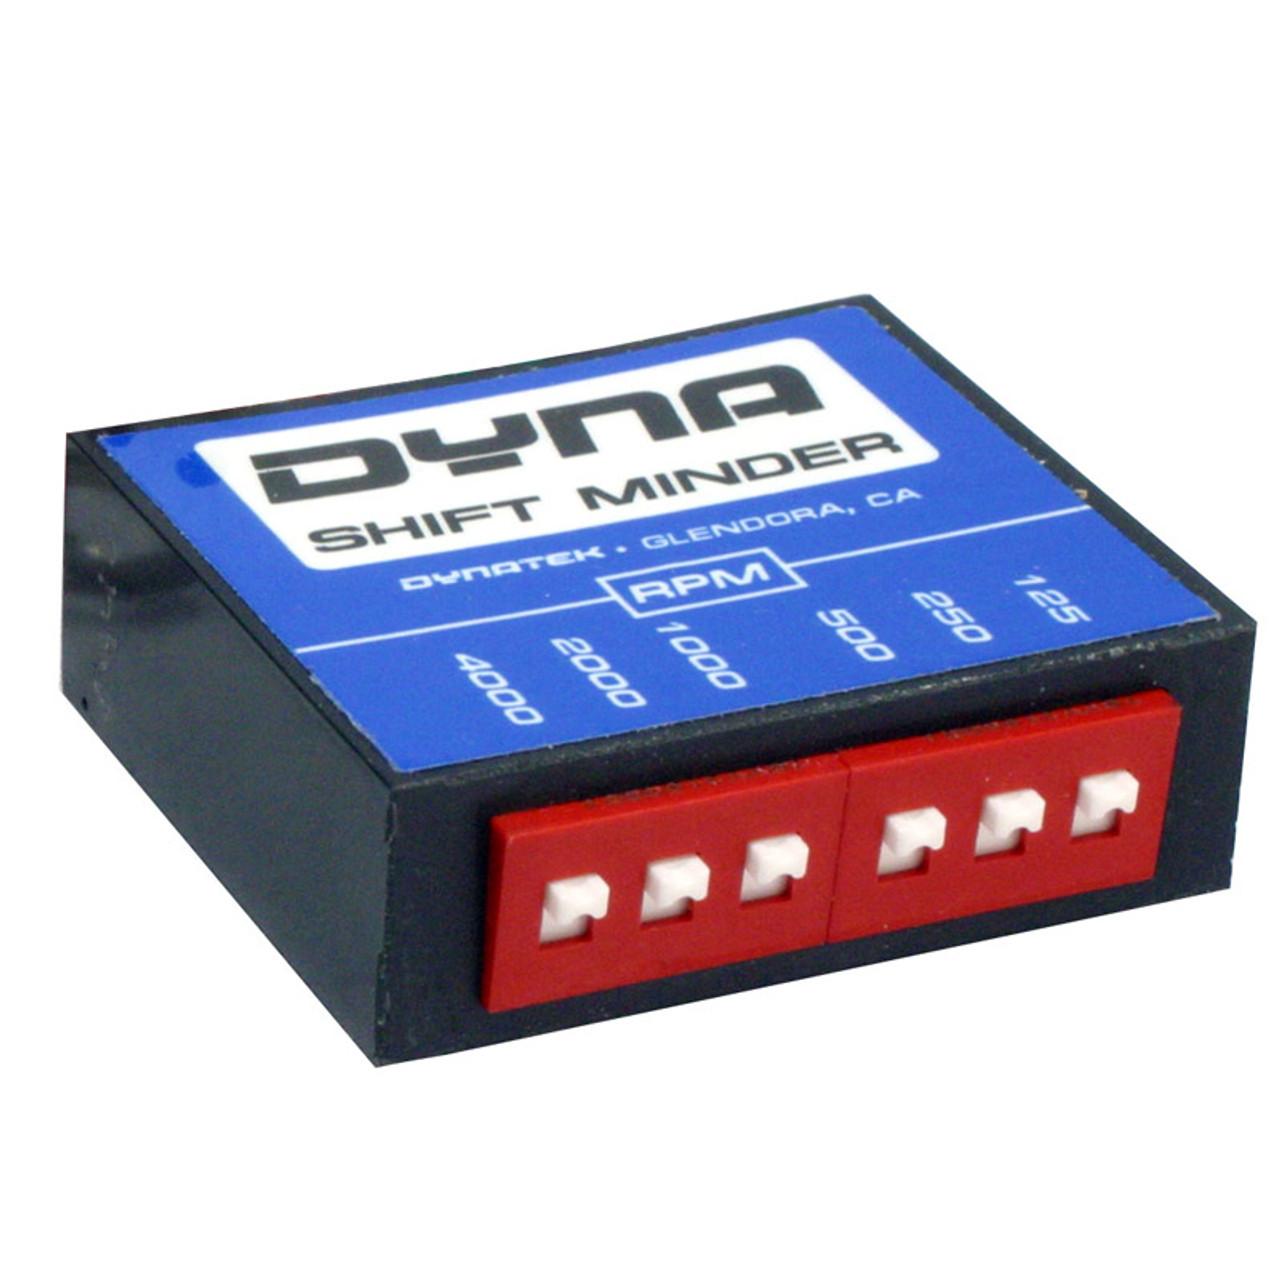 DYN DSM__58148.1349795310?c\=2 dyna 4000 wiring diagram wiring diagrams dyna 4000 pro wiring diagram at fashall.co